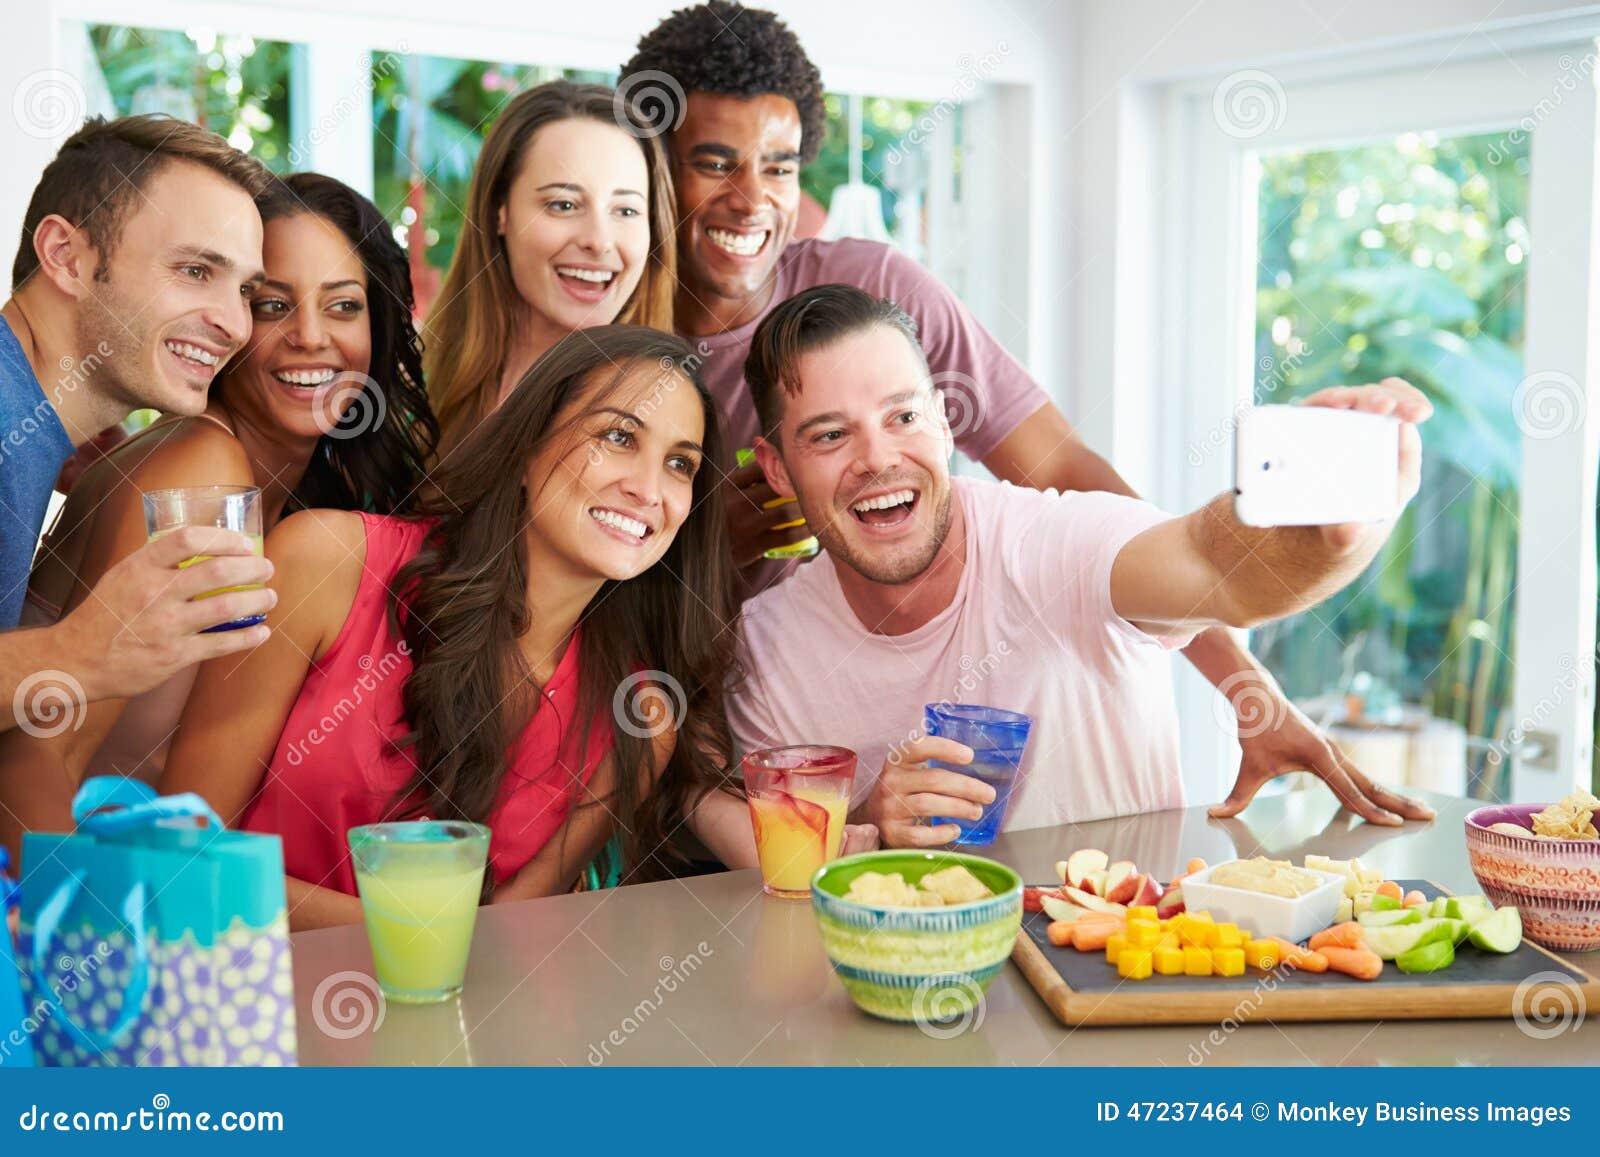 Grupo de amigos que tomam Selfie enquanto comemorando o aniversário